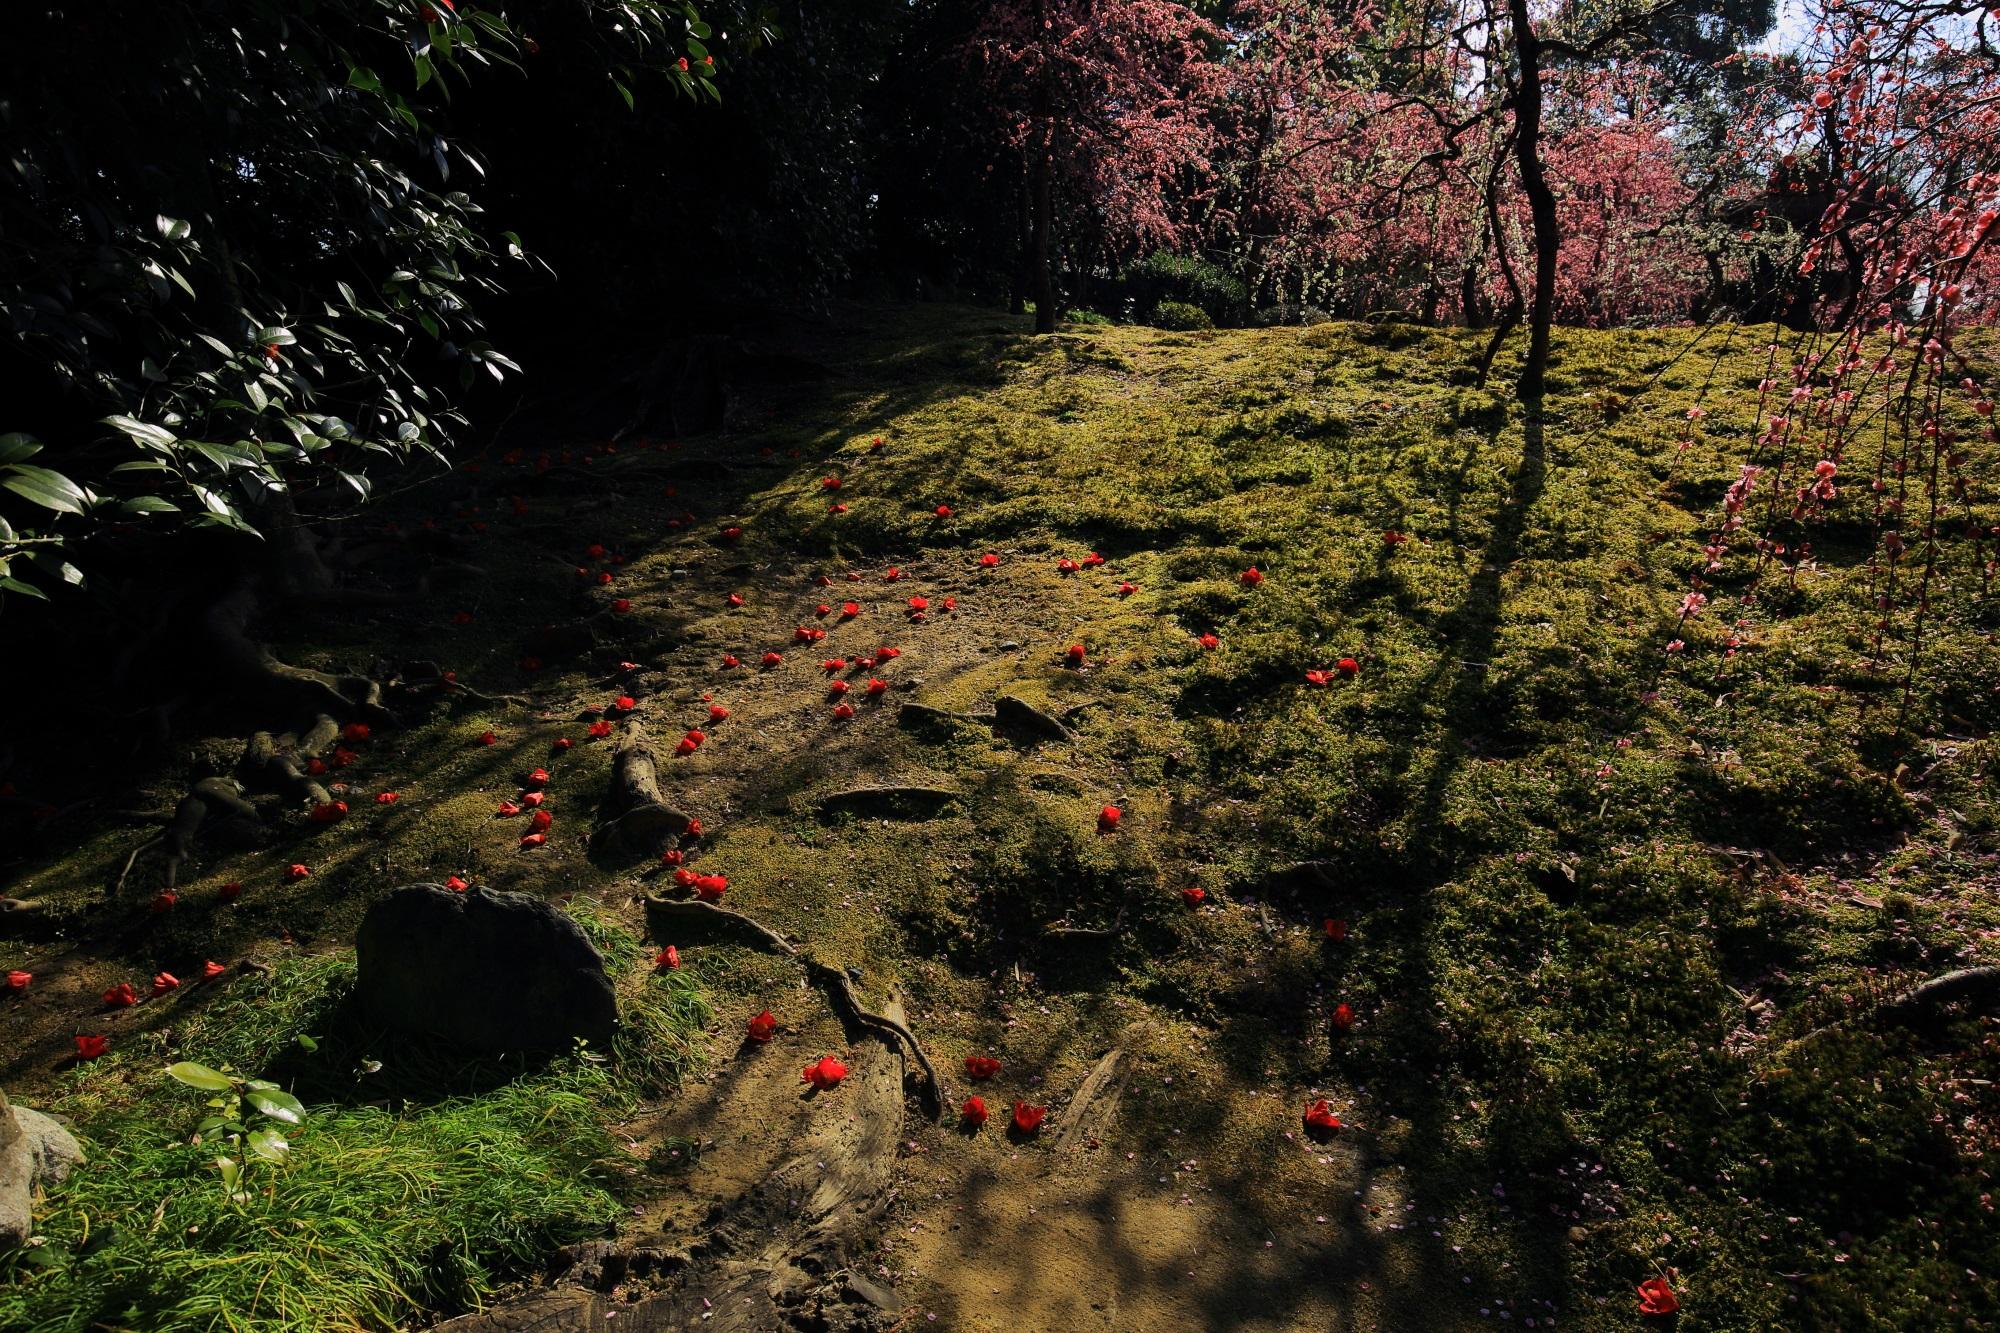 椿の名所の城南宮の散り椿としだれ梅